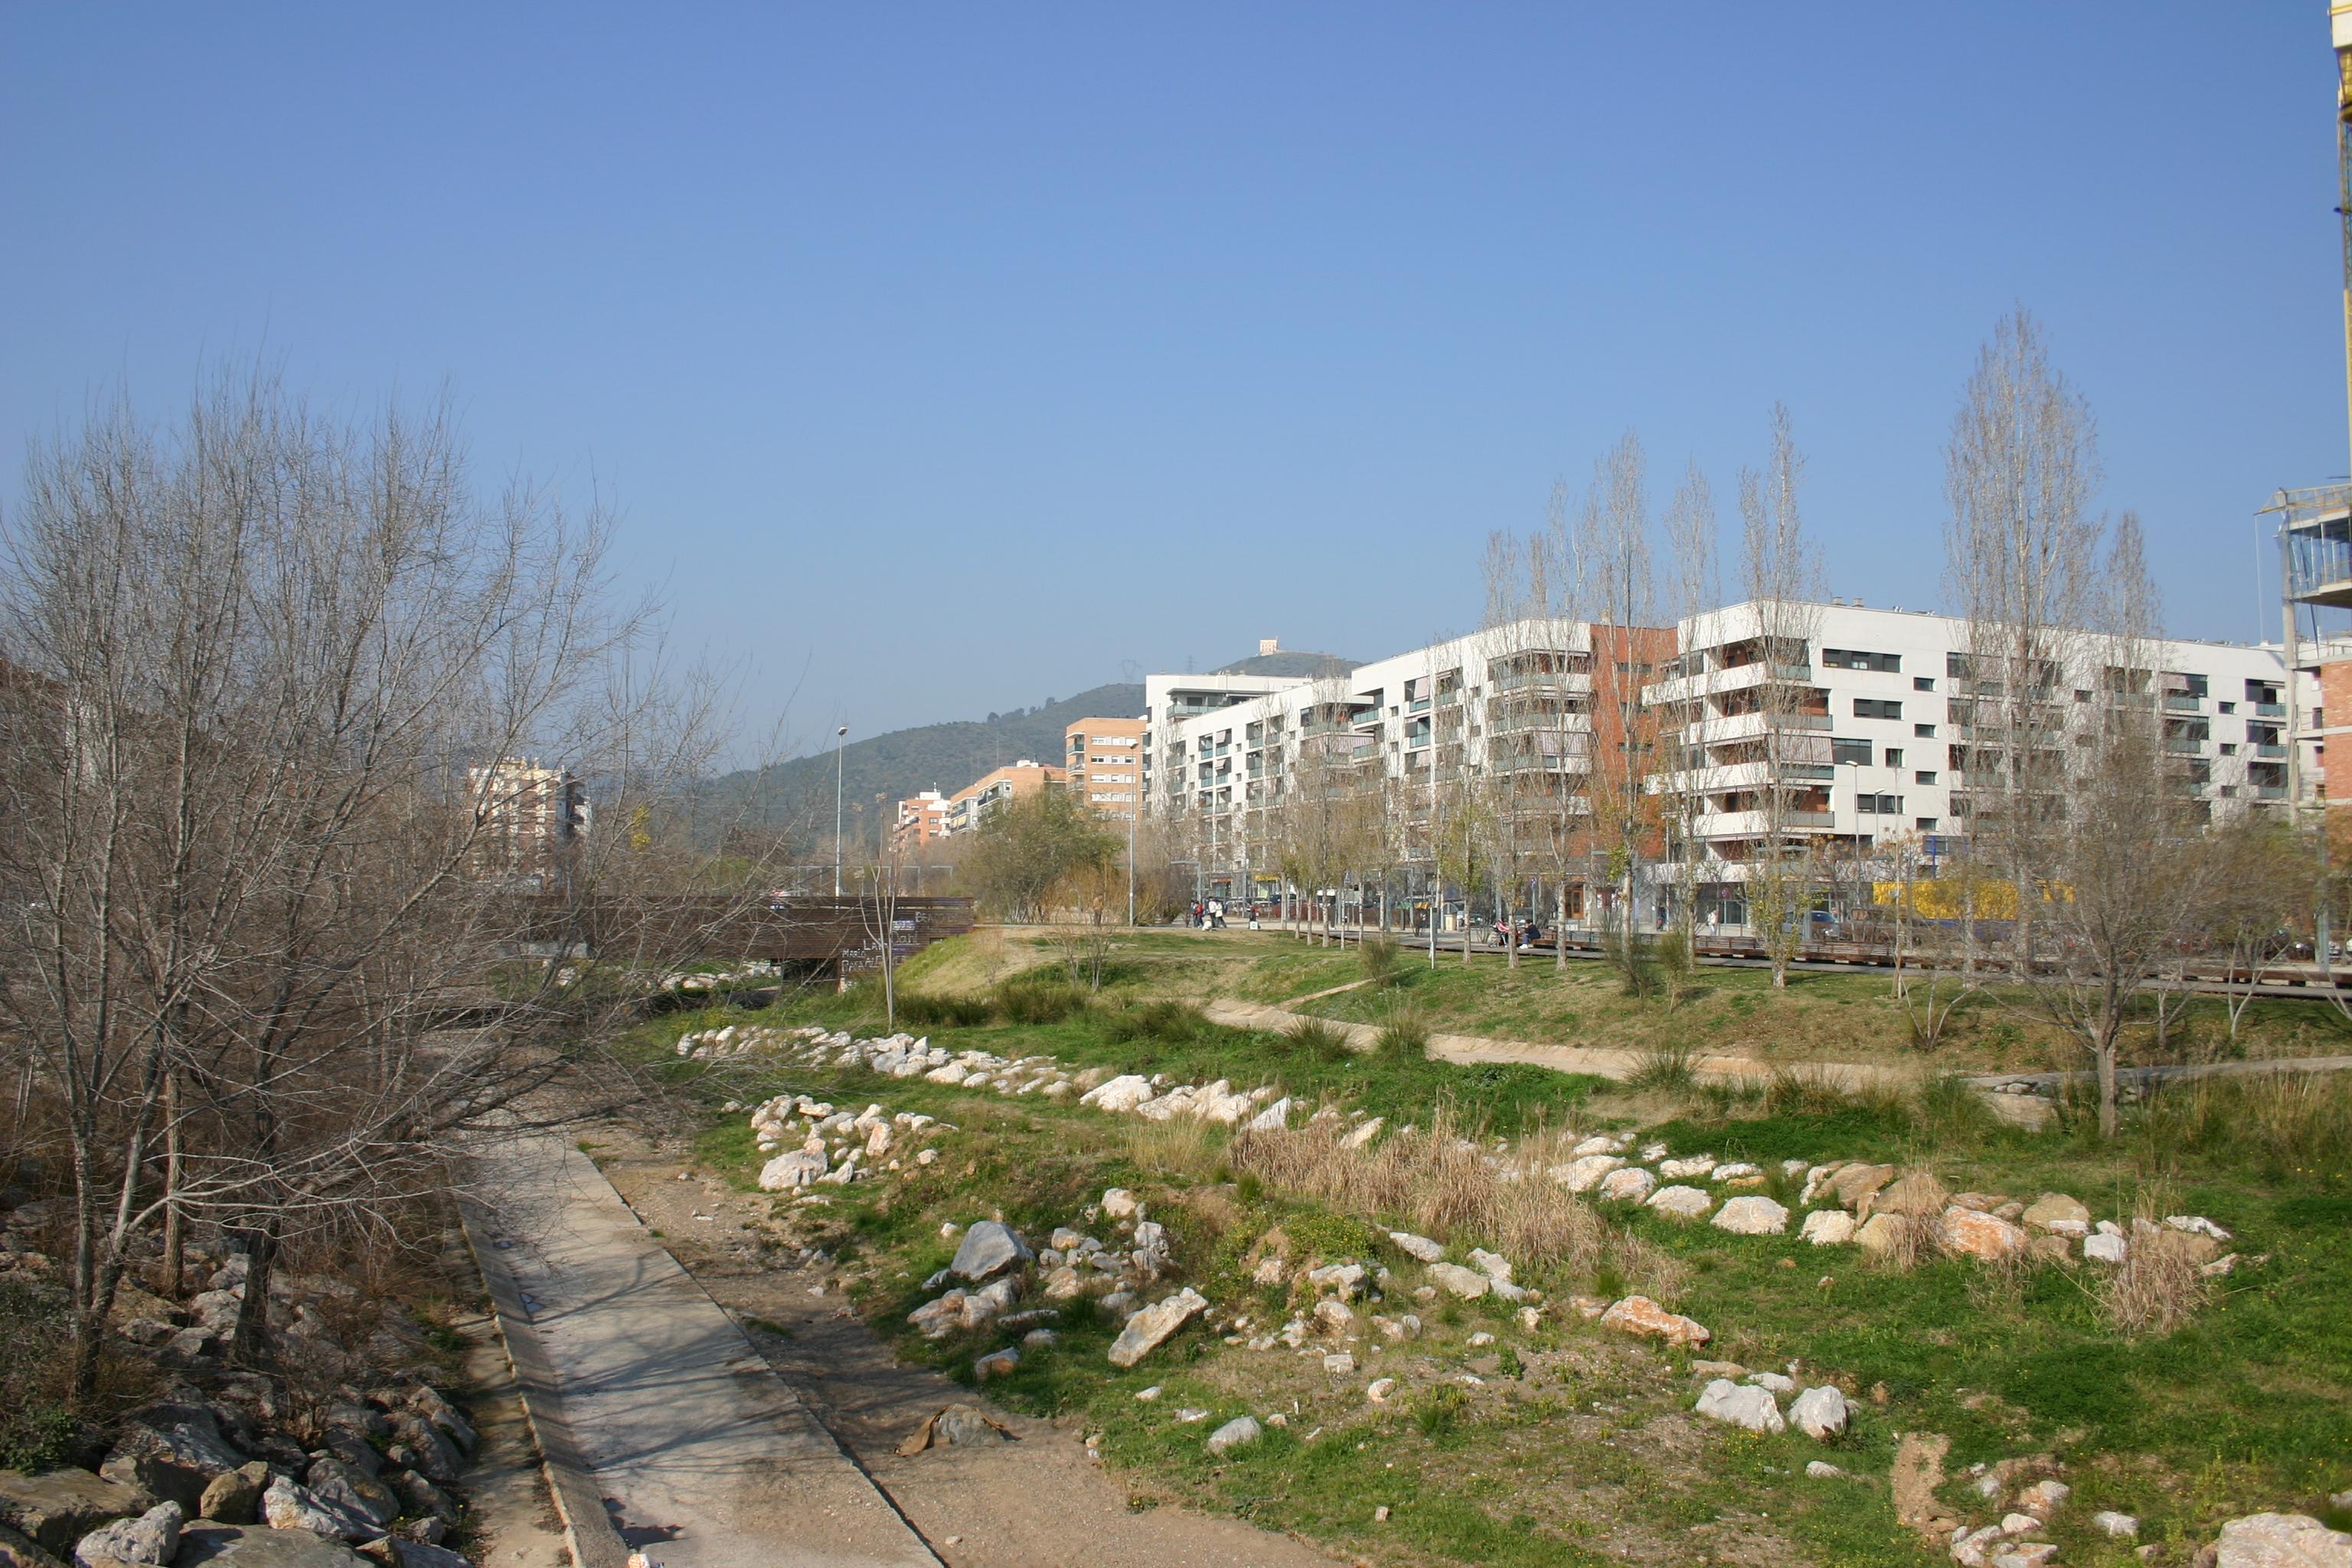 Viladecans Spain  city photos gallery : Fitxer original  3.072 × 2.048 píxels, mida del fitxer: 3,6 MB ...